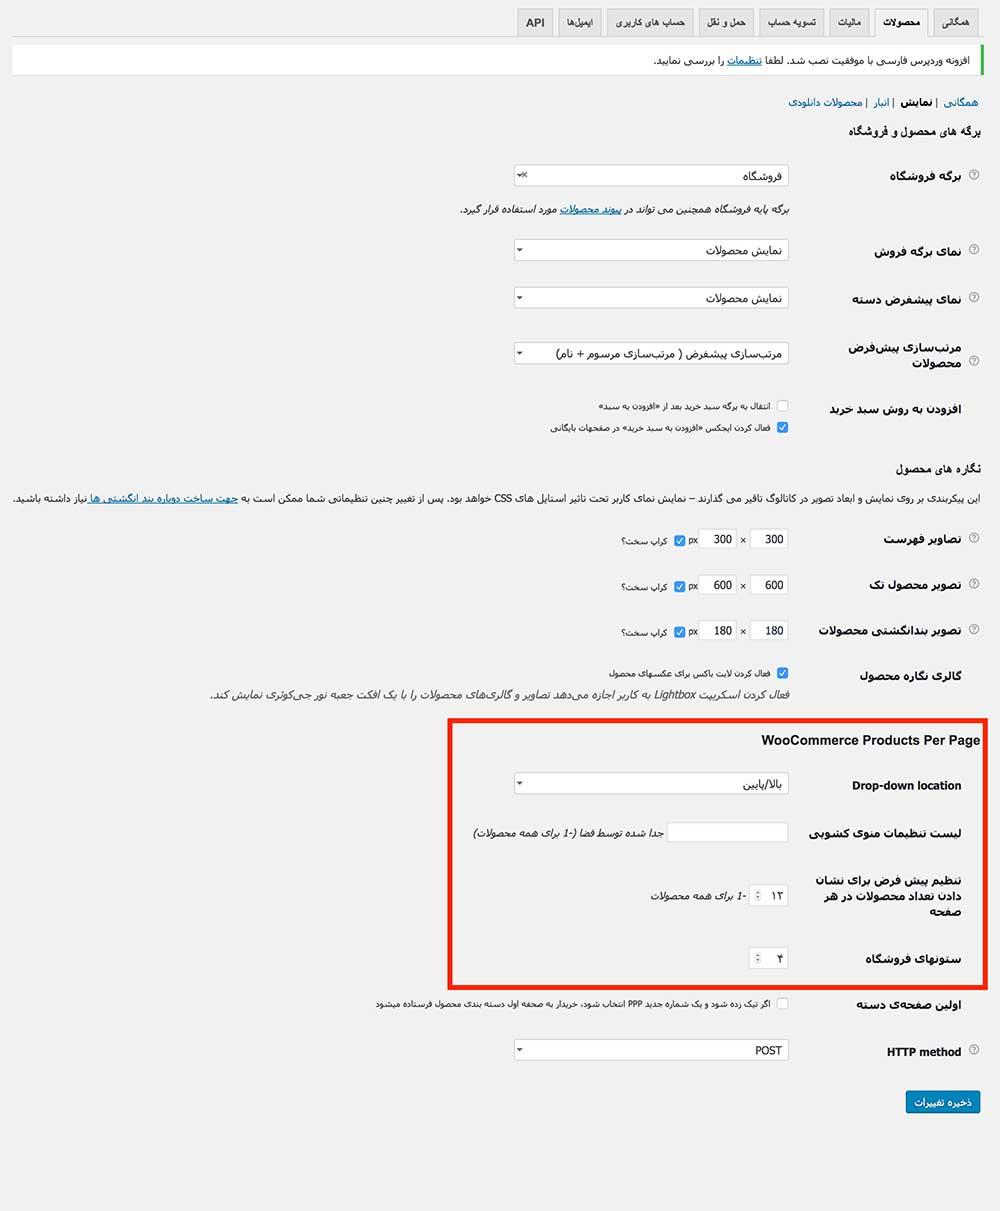 تغییر تعداد نمایش محصولات ووکامرس